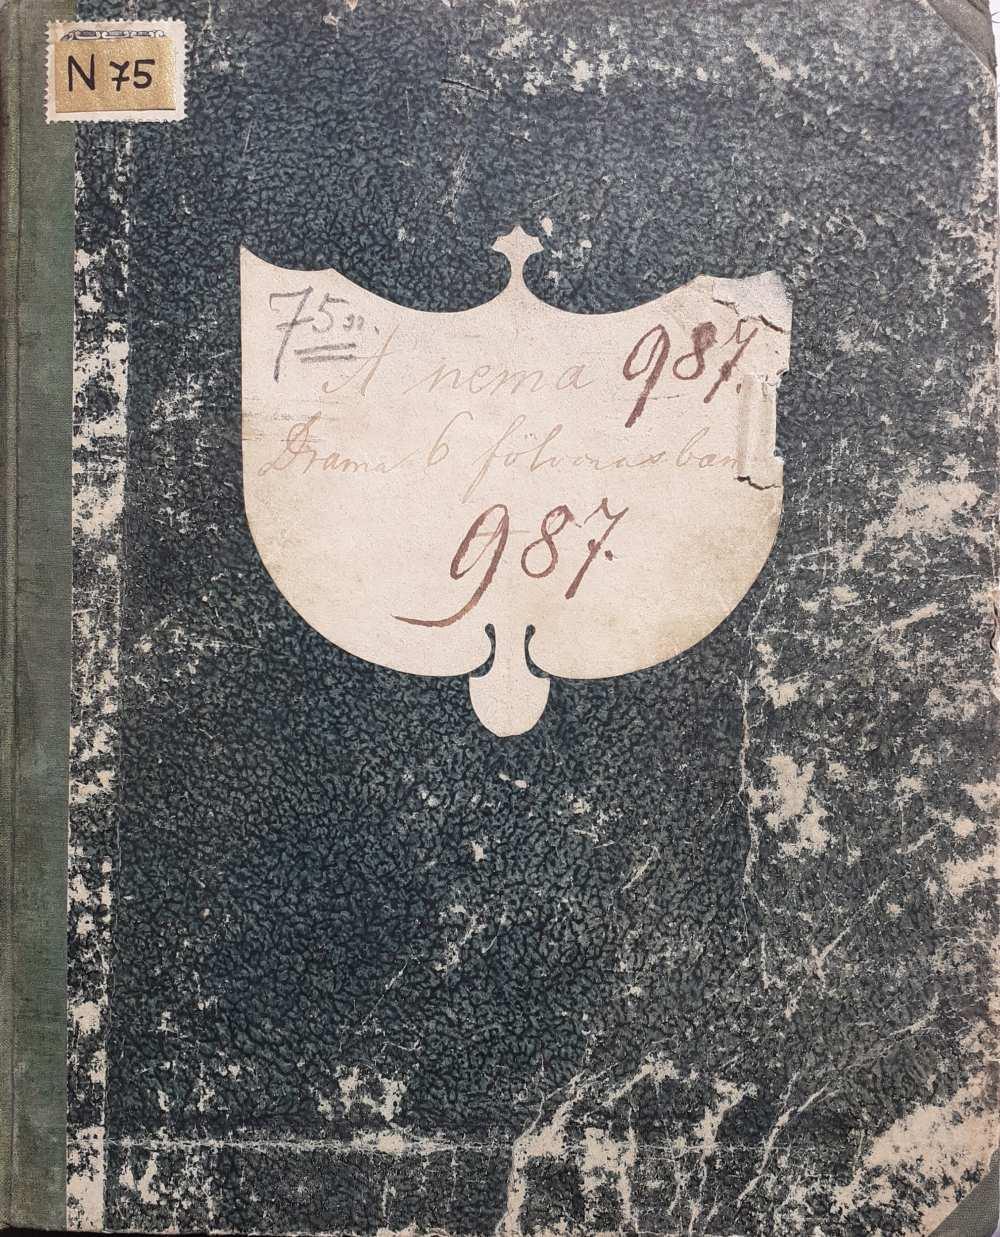 Bourgeois-Anicet [Auguste], Mason, Michael [Benoî]: A néma. [Le muet]. Dráma 6 felvonásban. Fordította Egressy Béni. Rendezte Lendvay Márton. Rendezőpéldány. Bemutató: Nemzeti Színház, 1851. október 7. Cenzúrapéldány, Prottmann, 1851. szeptember 24. Egressy Béni kézírásával. Külső borítólap – Színháztörténeti és Zeneműtár. Jelzet: N.Sz.N. 75